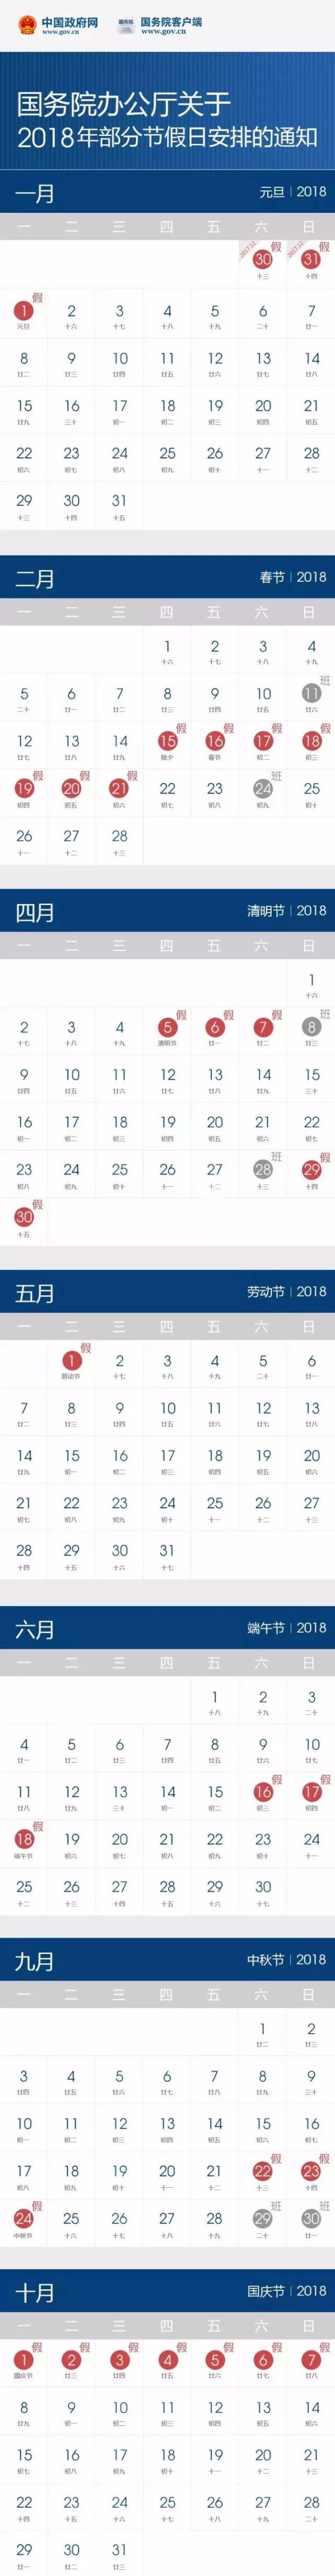 政府部門正式公布2018年部分節假日安排,元旦、春節……具體放假天數都在這里!!!